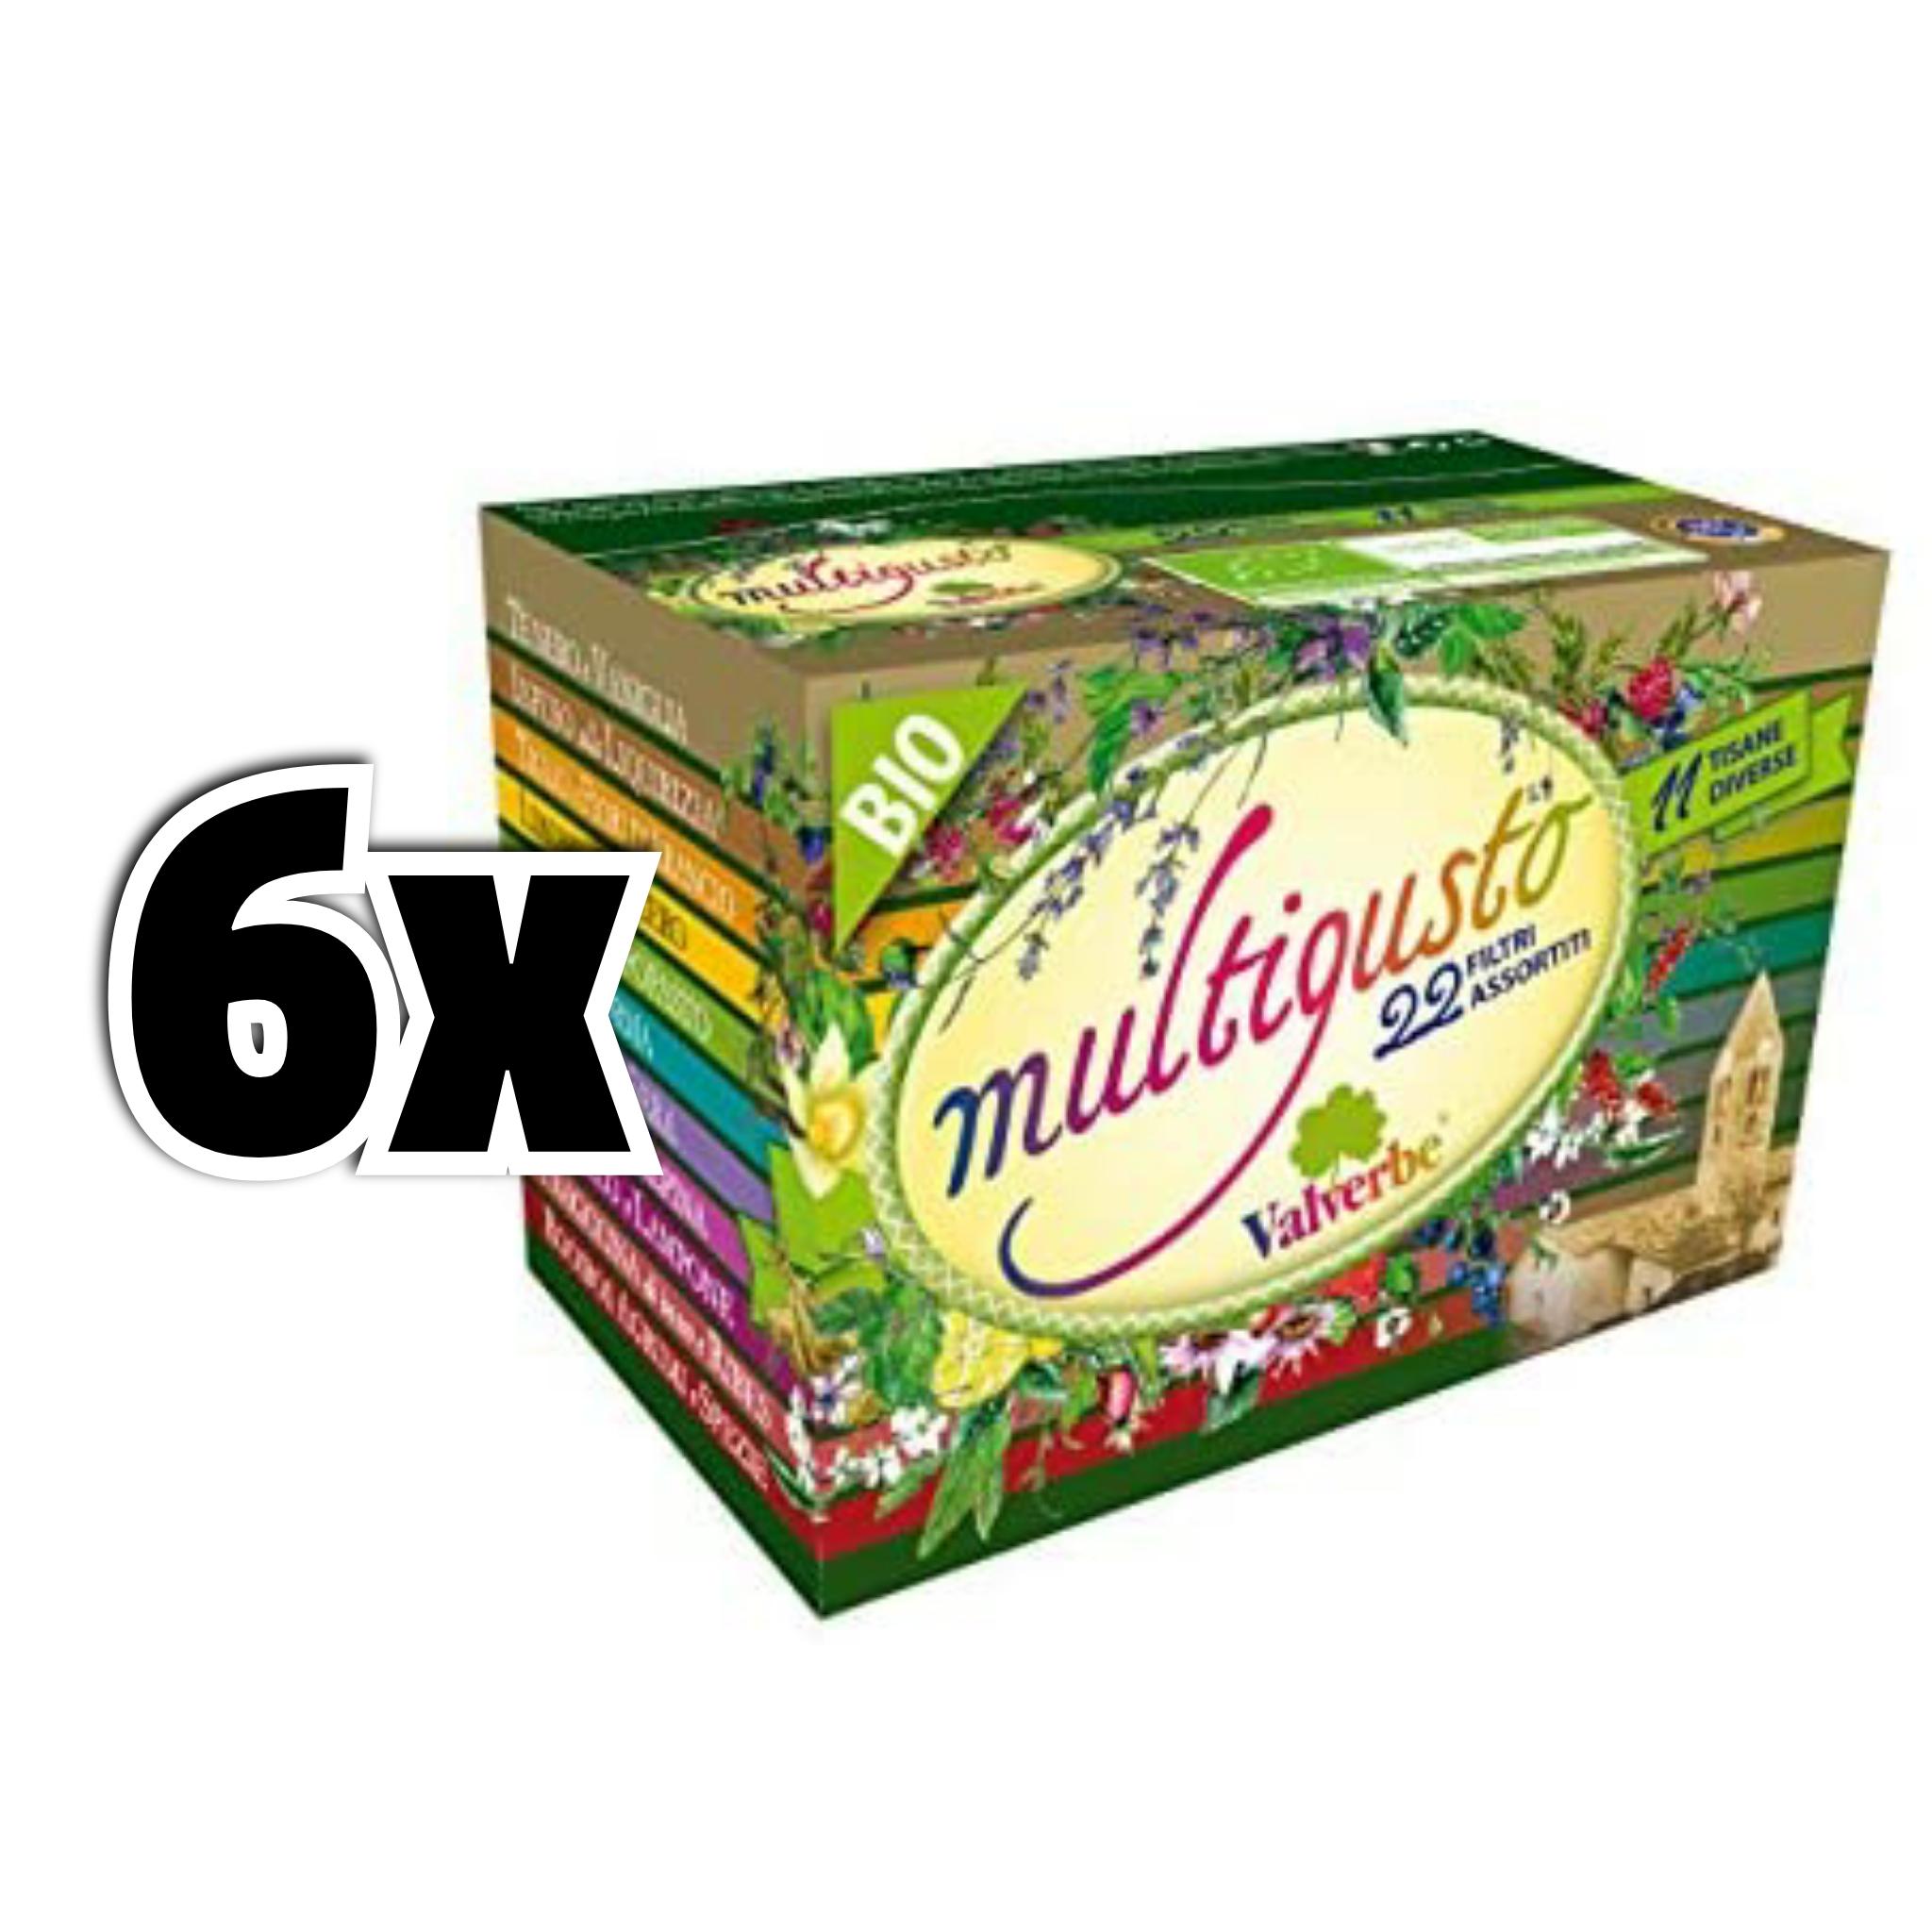 6x 22 filtri VALVERBE Tisane Multigusto